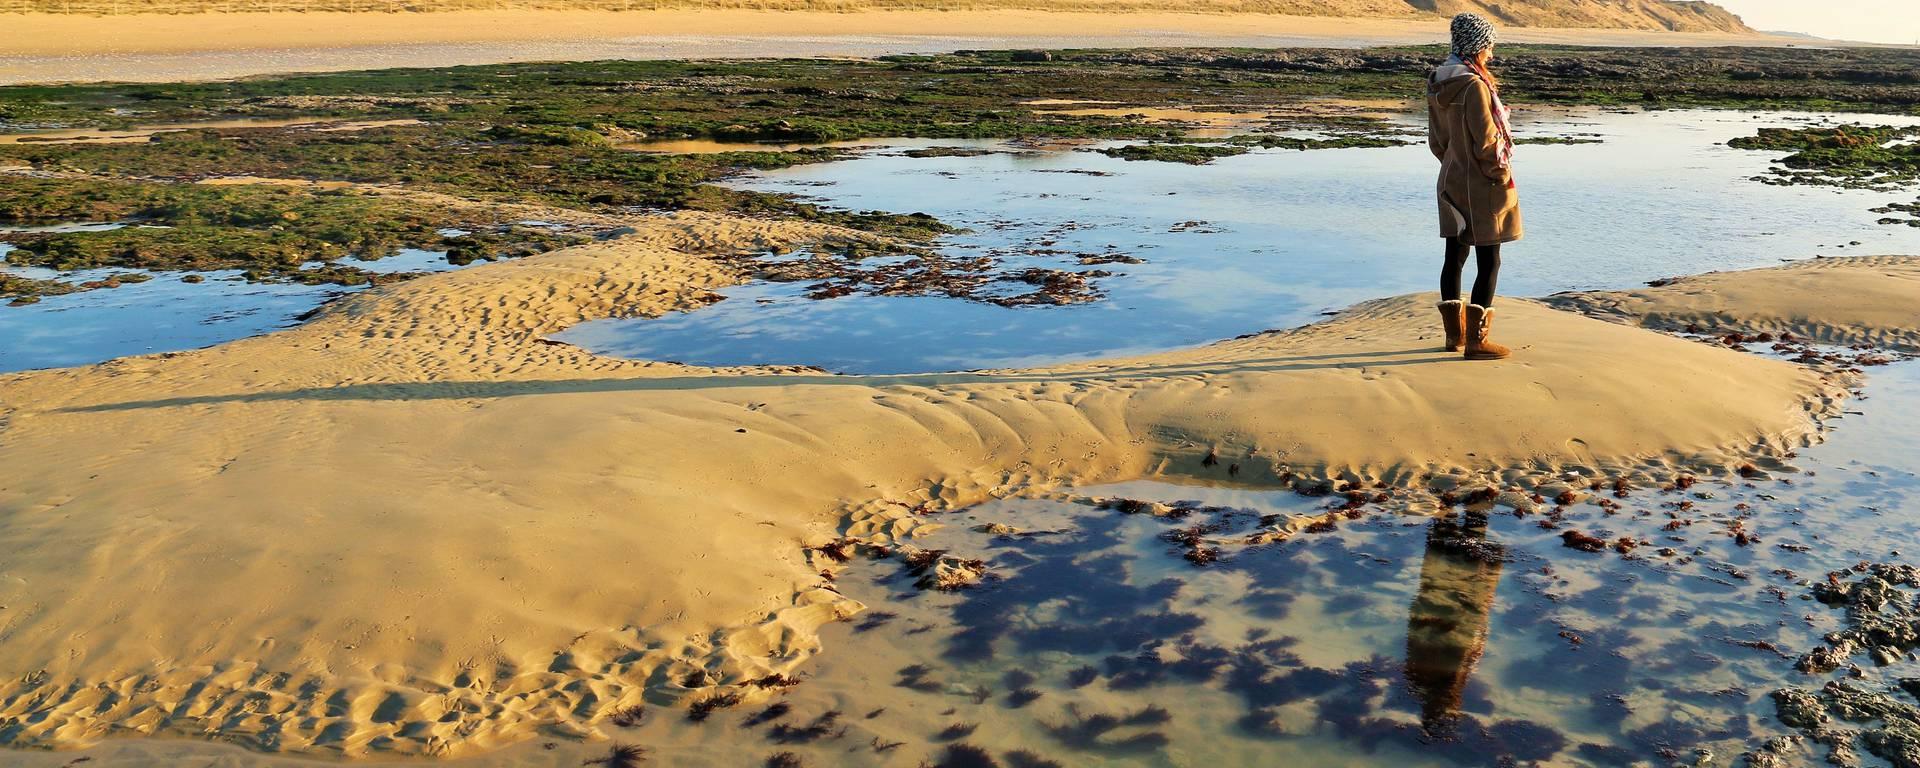 Plage de la Côte sauvage à Saint-Clément-les-Baleines